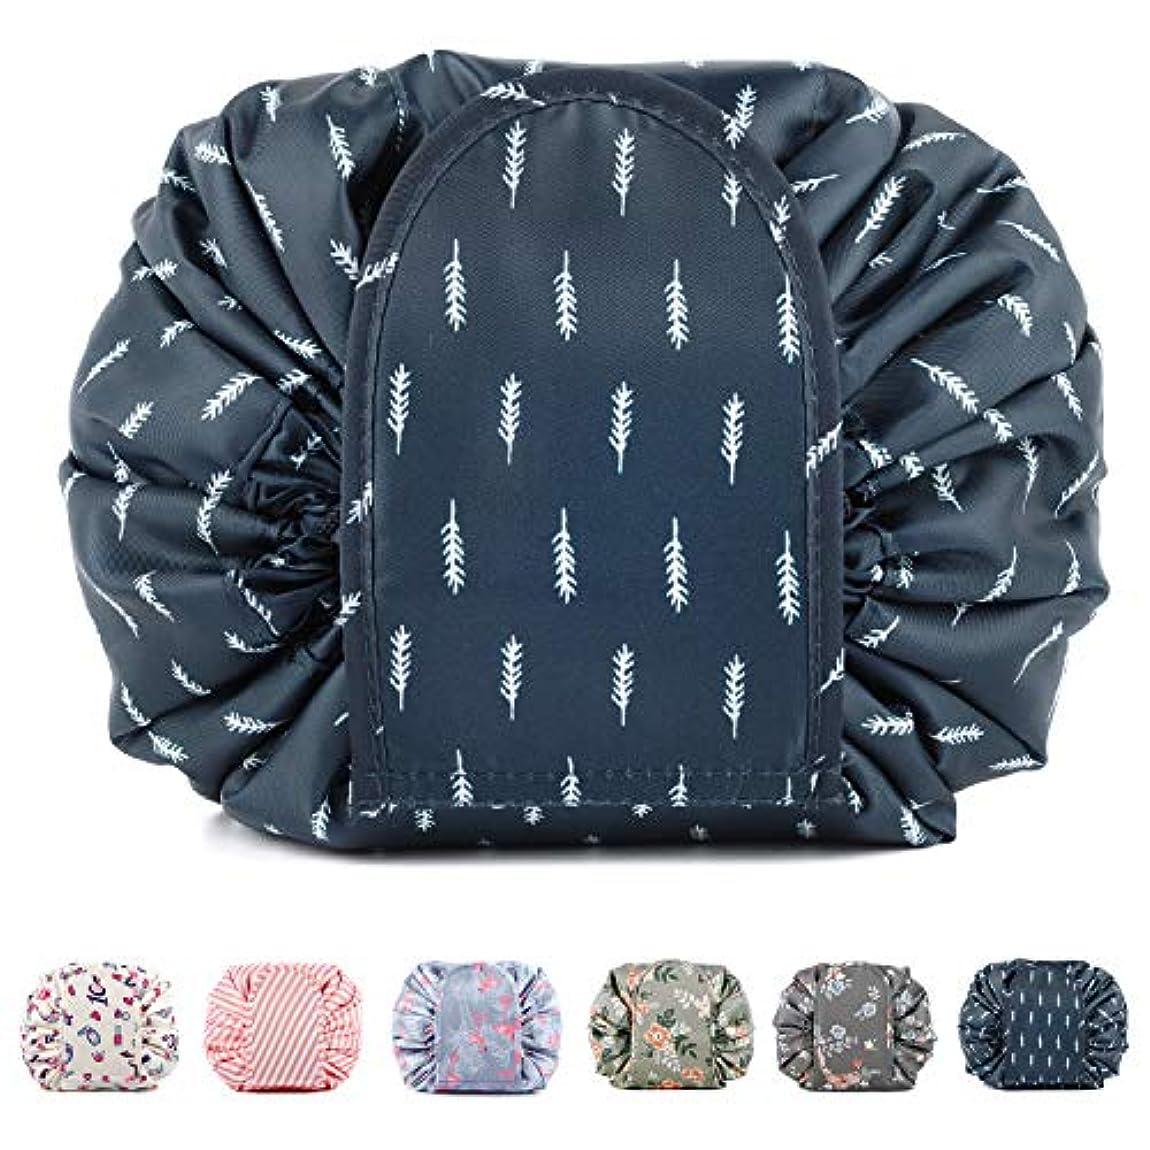 選ぶ黒神のNarweyレイジー化粧バッグ ドローストリングコスメティックバッグ 大容量 防水 トラベルケース 化粧品収納袋 メイクポータブルバッグ レディース